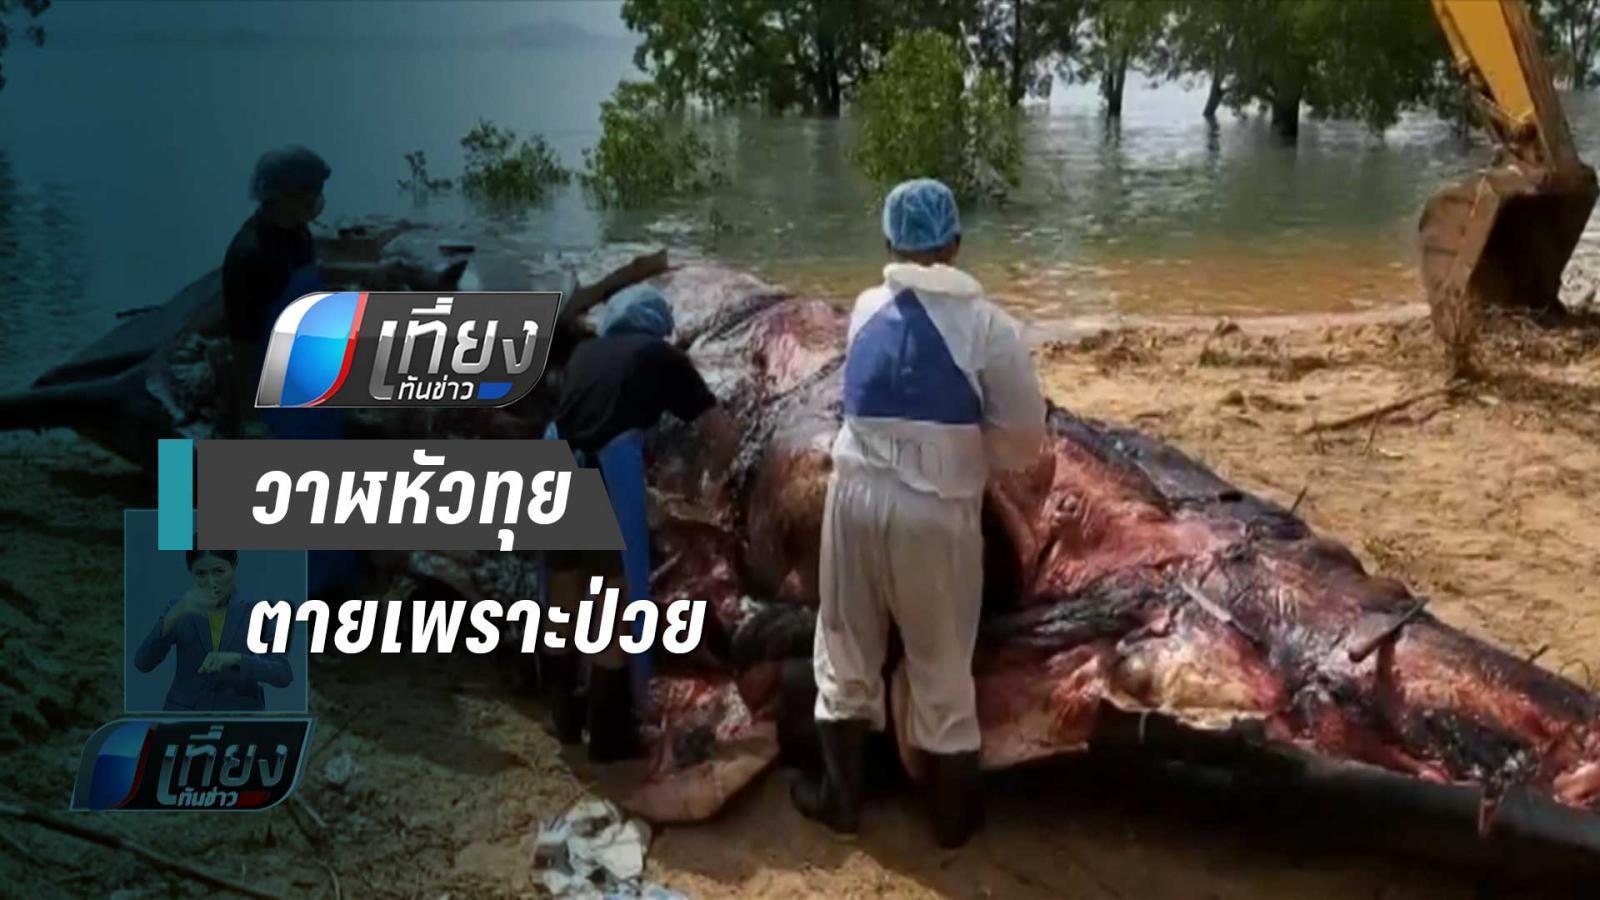 กรมทรัพยากรทางทะเลฯ เผยวาฬหัวทุยตายตามธรรมชาติ